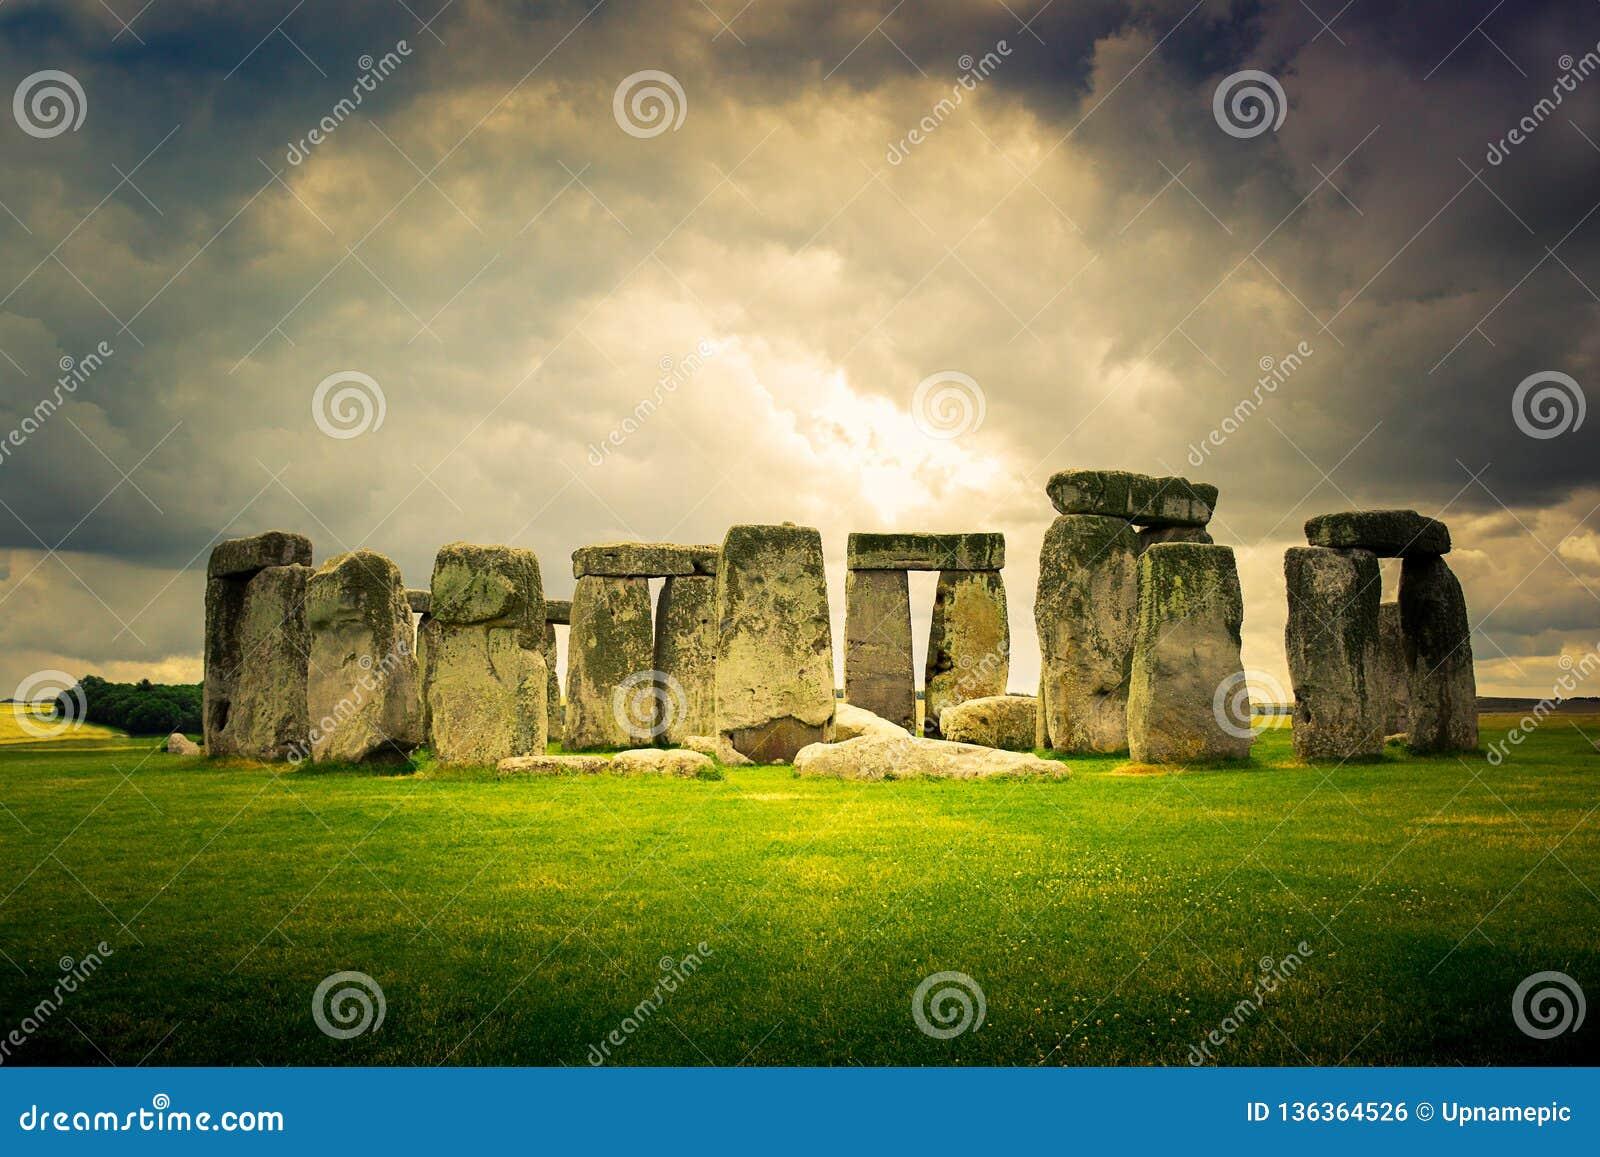 巨石阵纪念碑在威尔特郡,英国